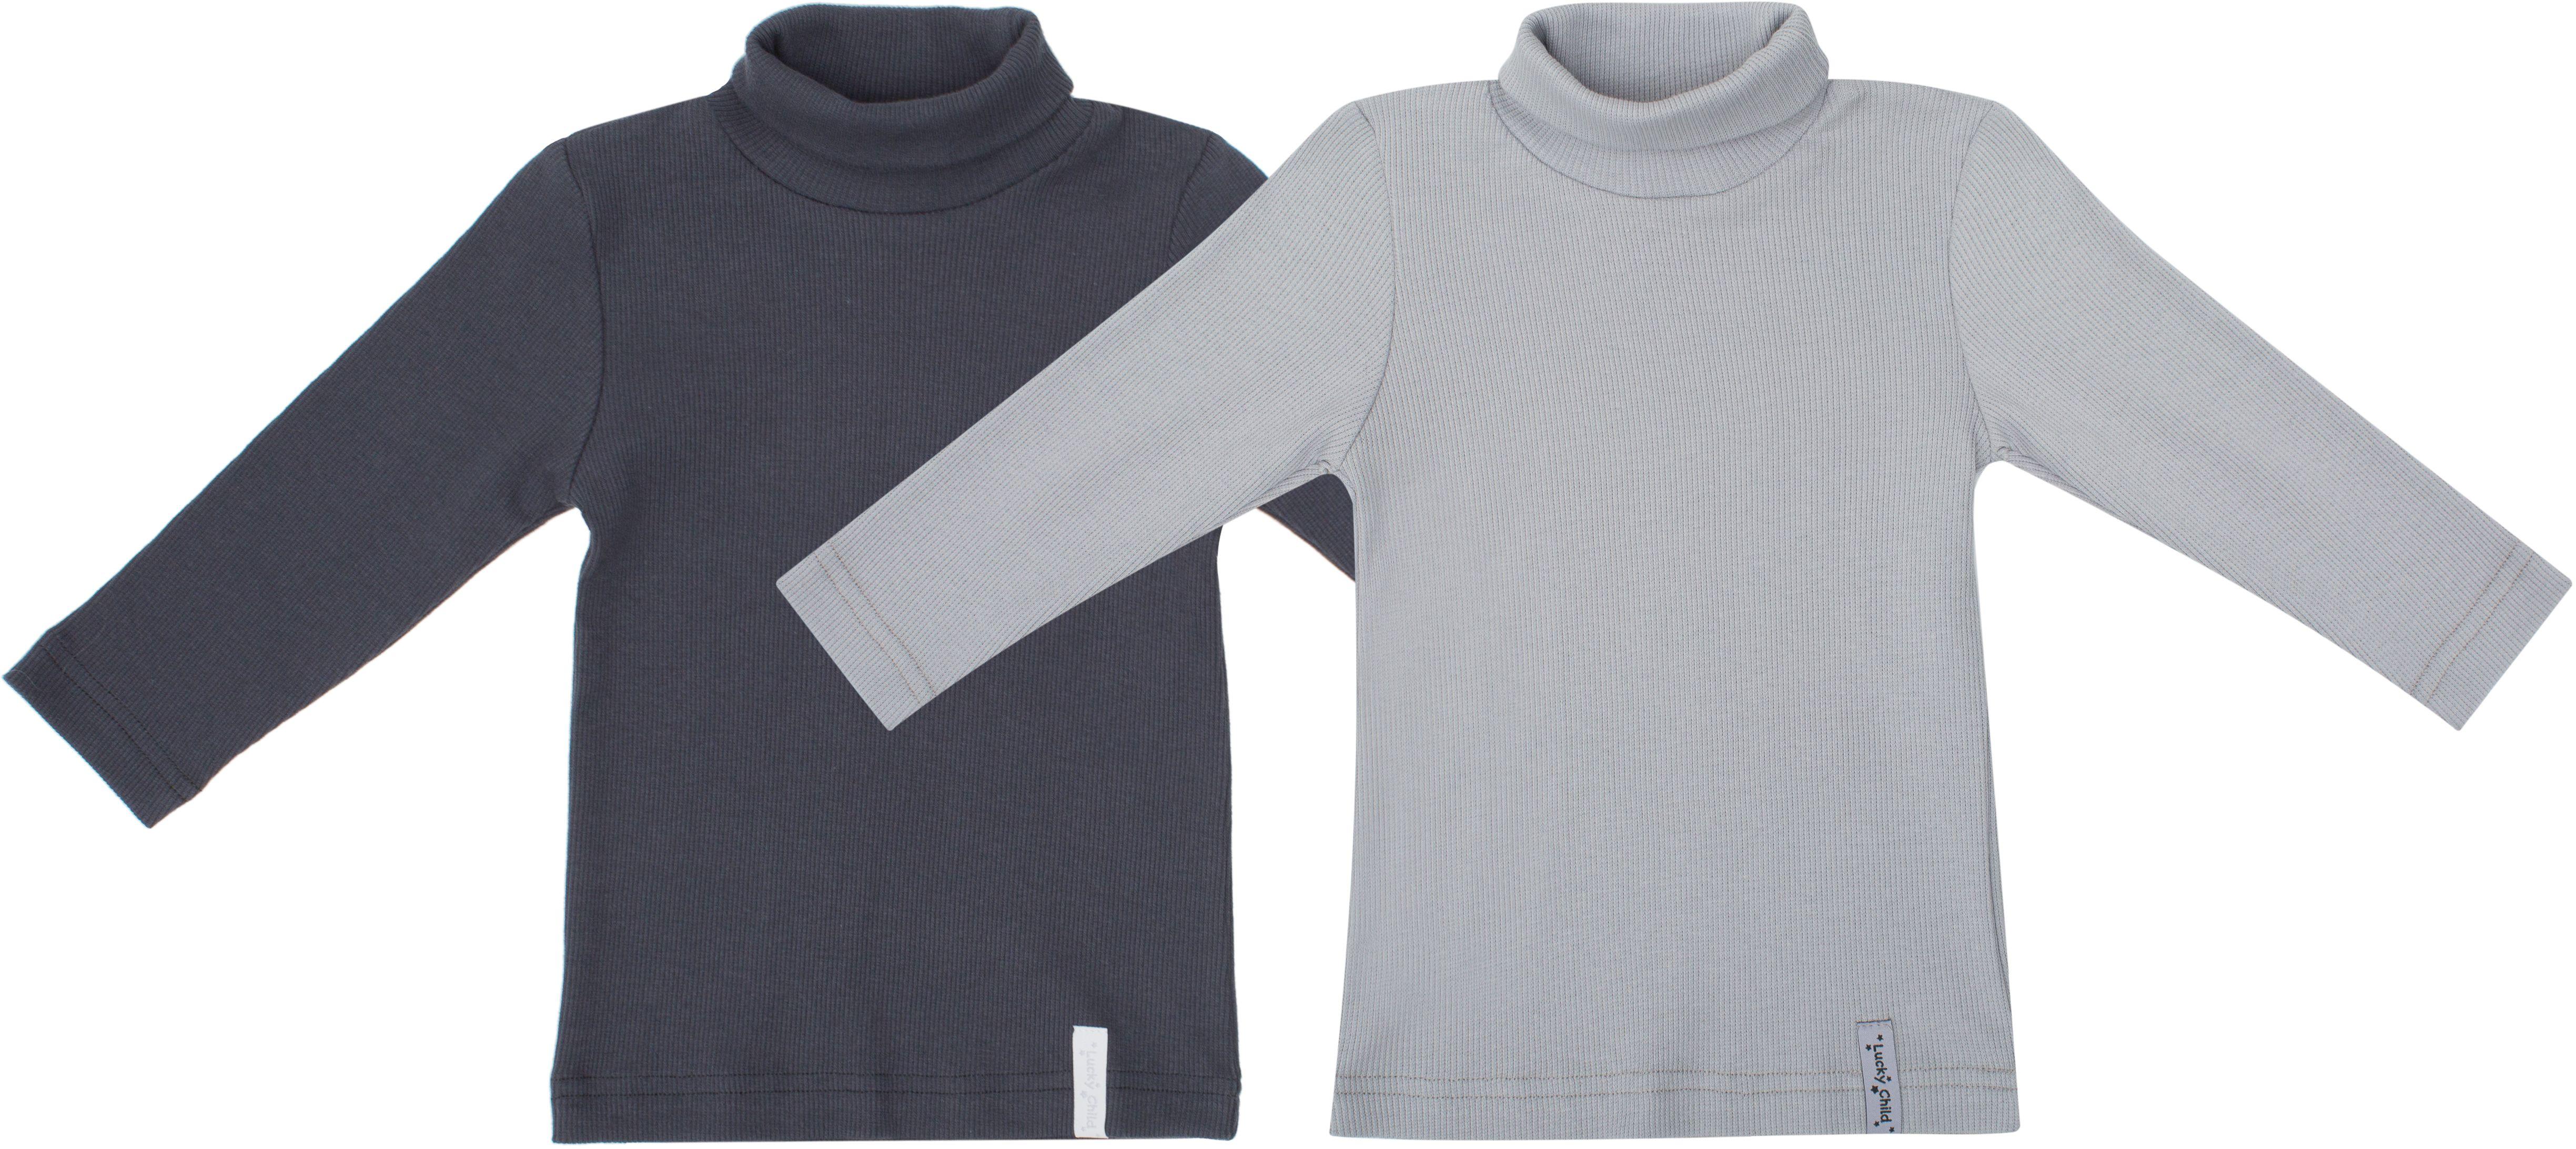 Джемпер33-23Водолазки давно покорили все мировые подиумы. Этот предмет одежды не только стильный, но ещё и функциональный. Водолазки из коллекции Дуэт представлены в двух базовых цветах: сером и черном, их легко сочетать с любой одеждой.